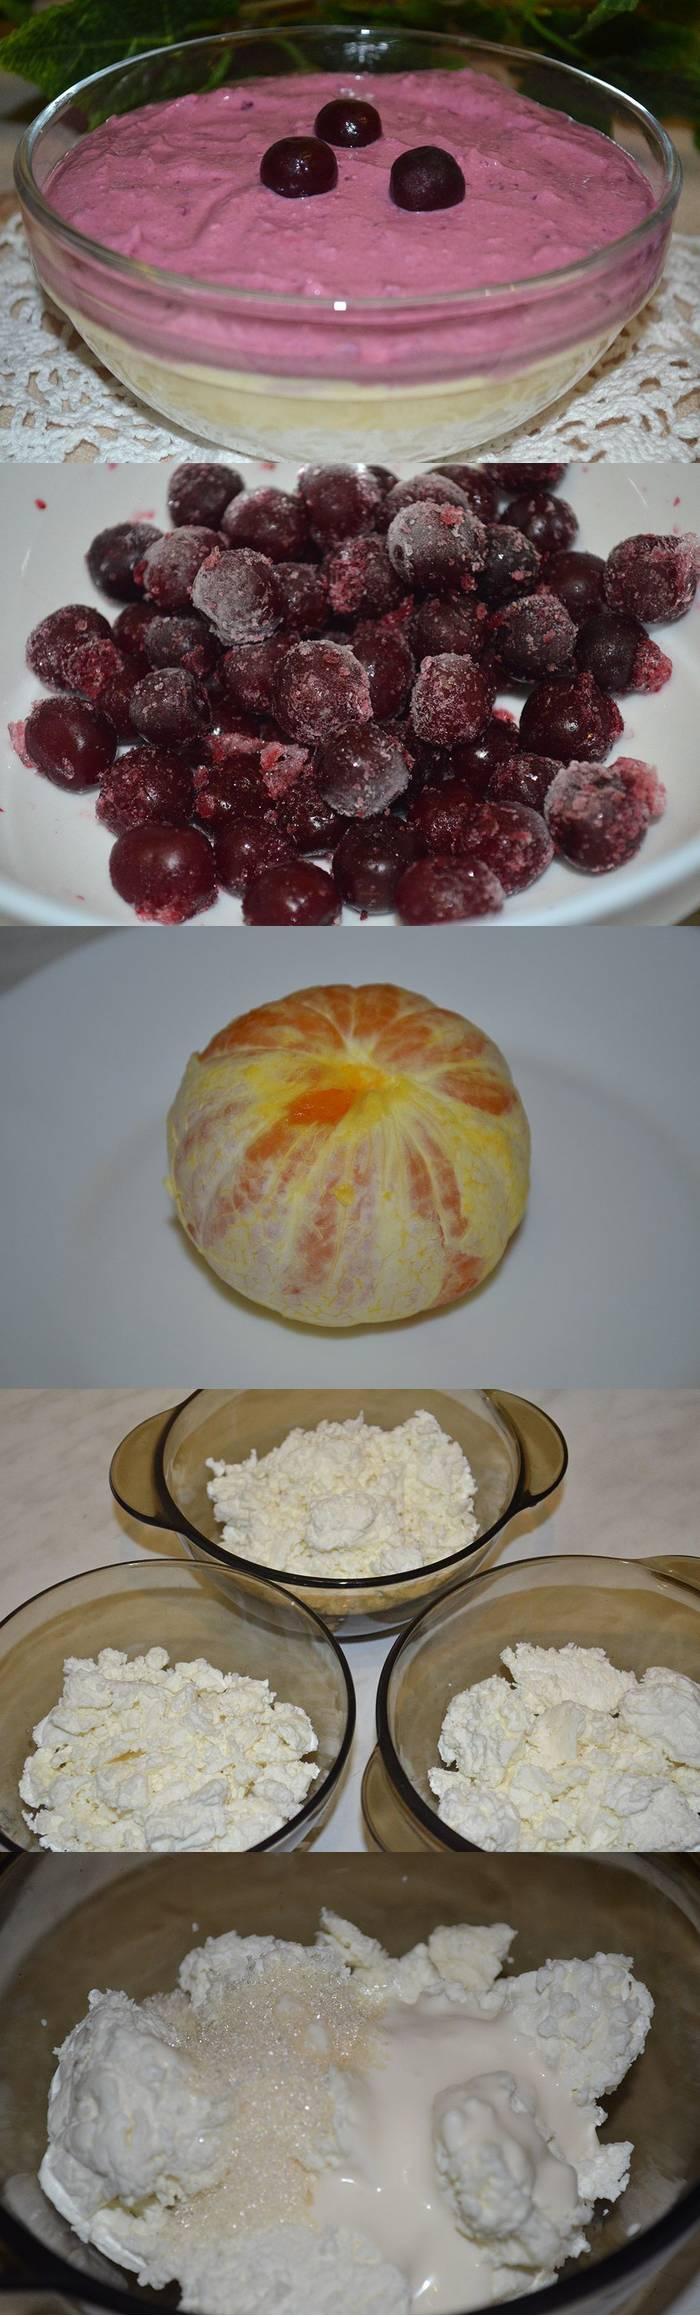 Творожный десерт с вишней и мандарином